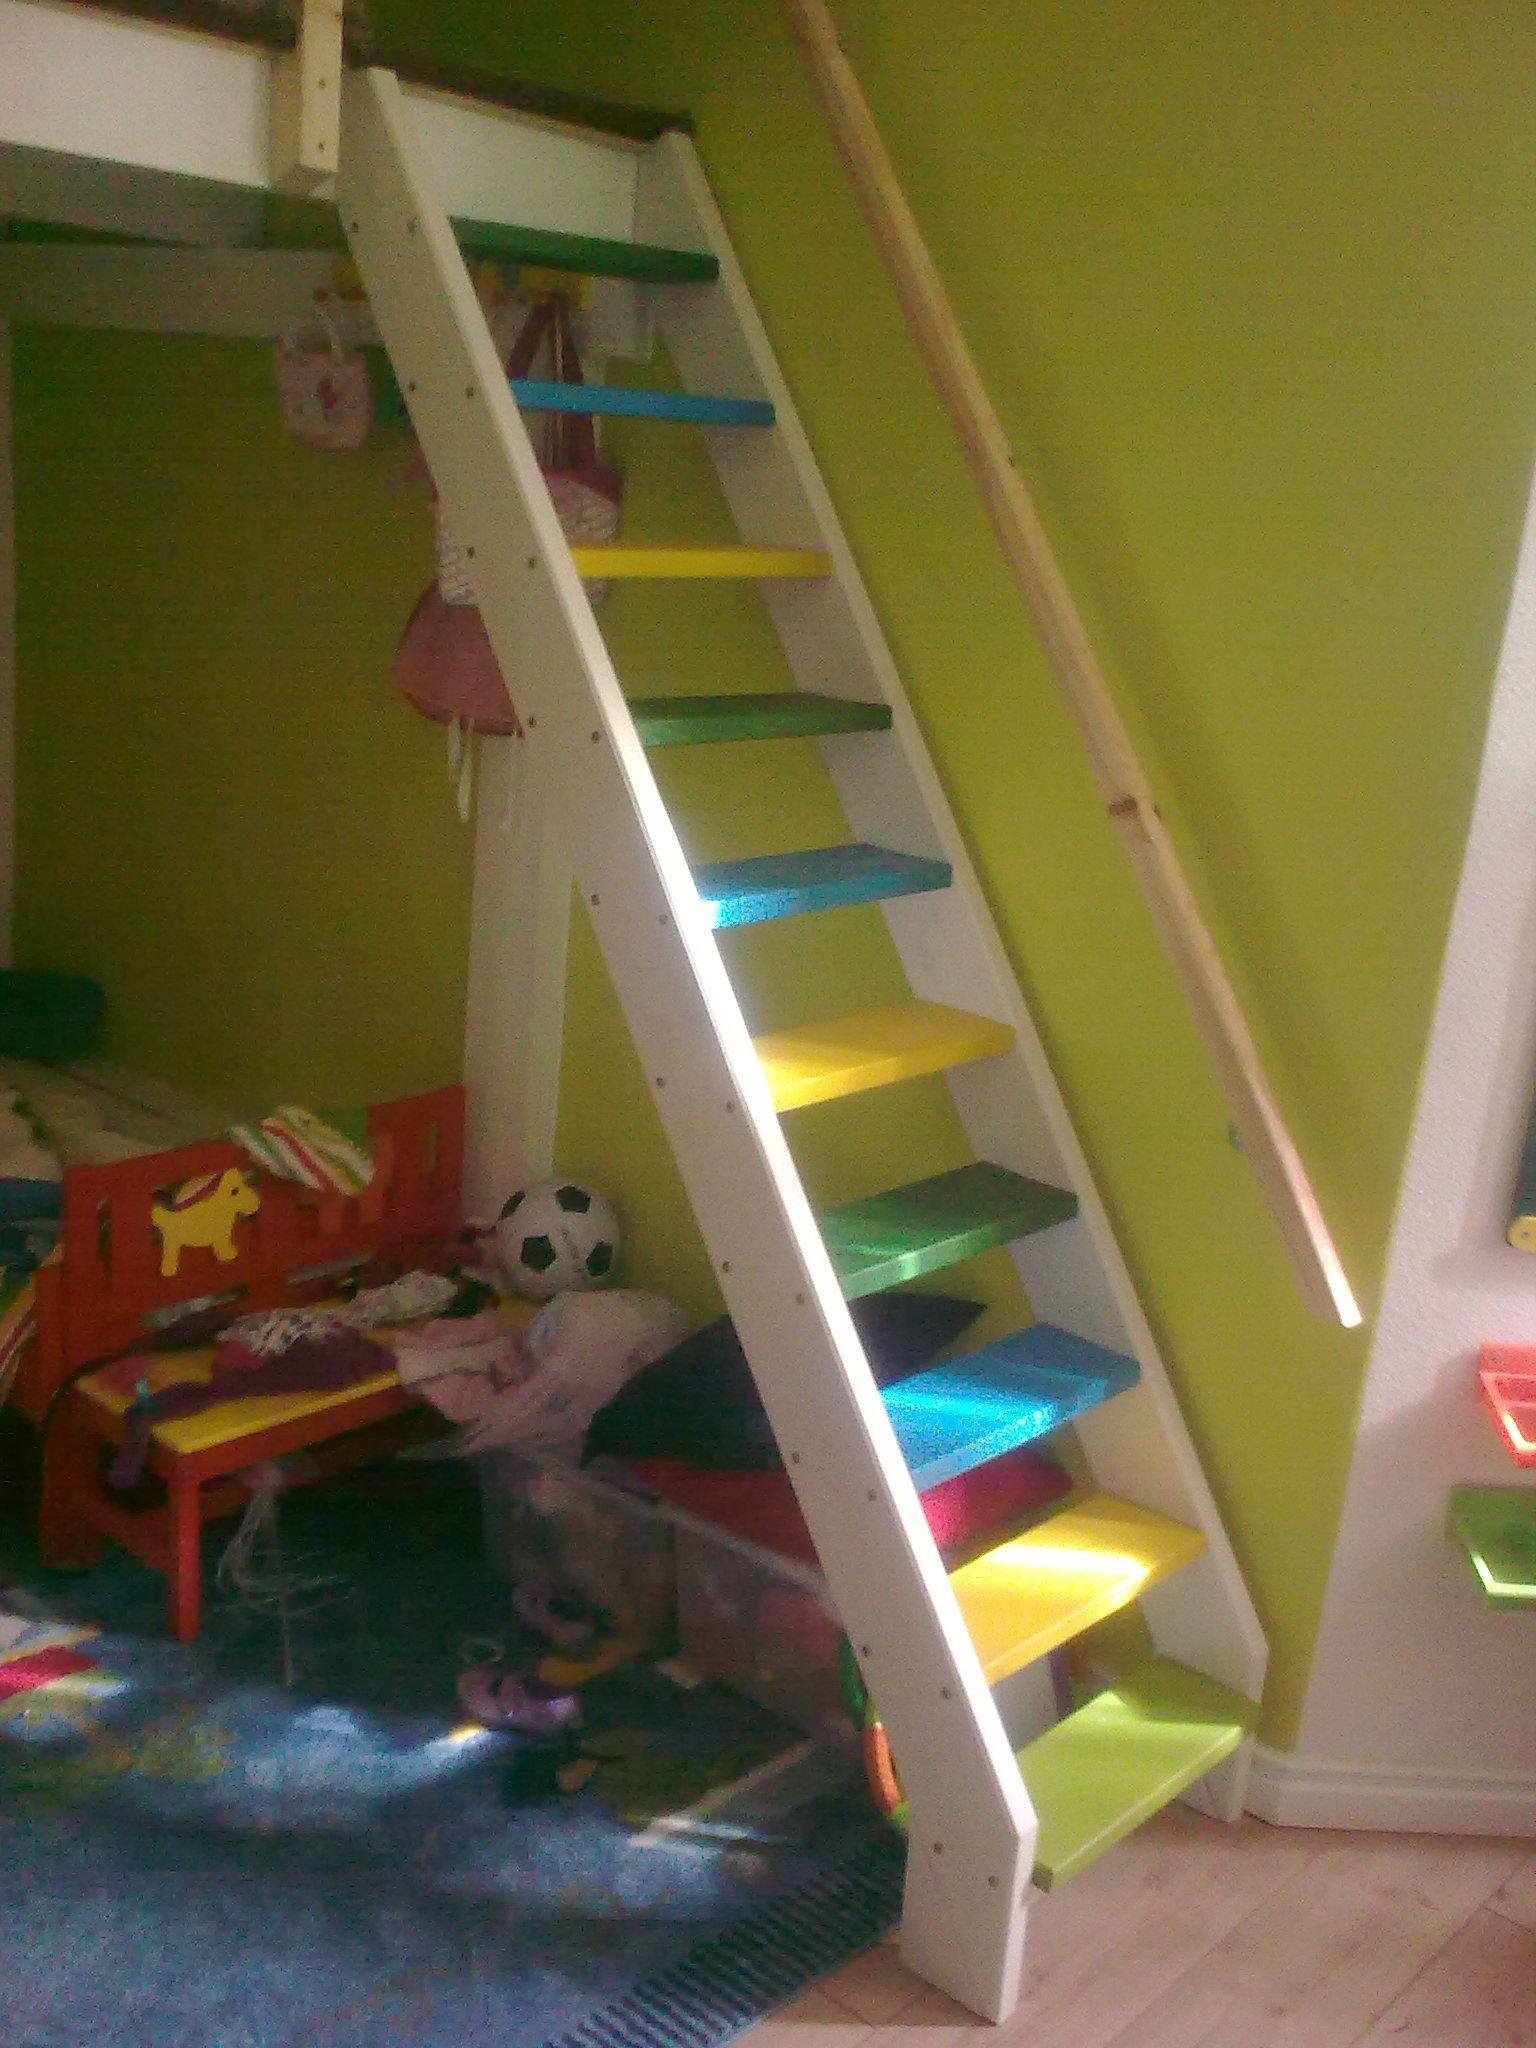 Bevorzugt Hochbett Leiter | Hochbett in 2019 | Kinder zimmer, Kinderzimmer AS61